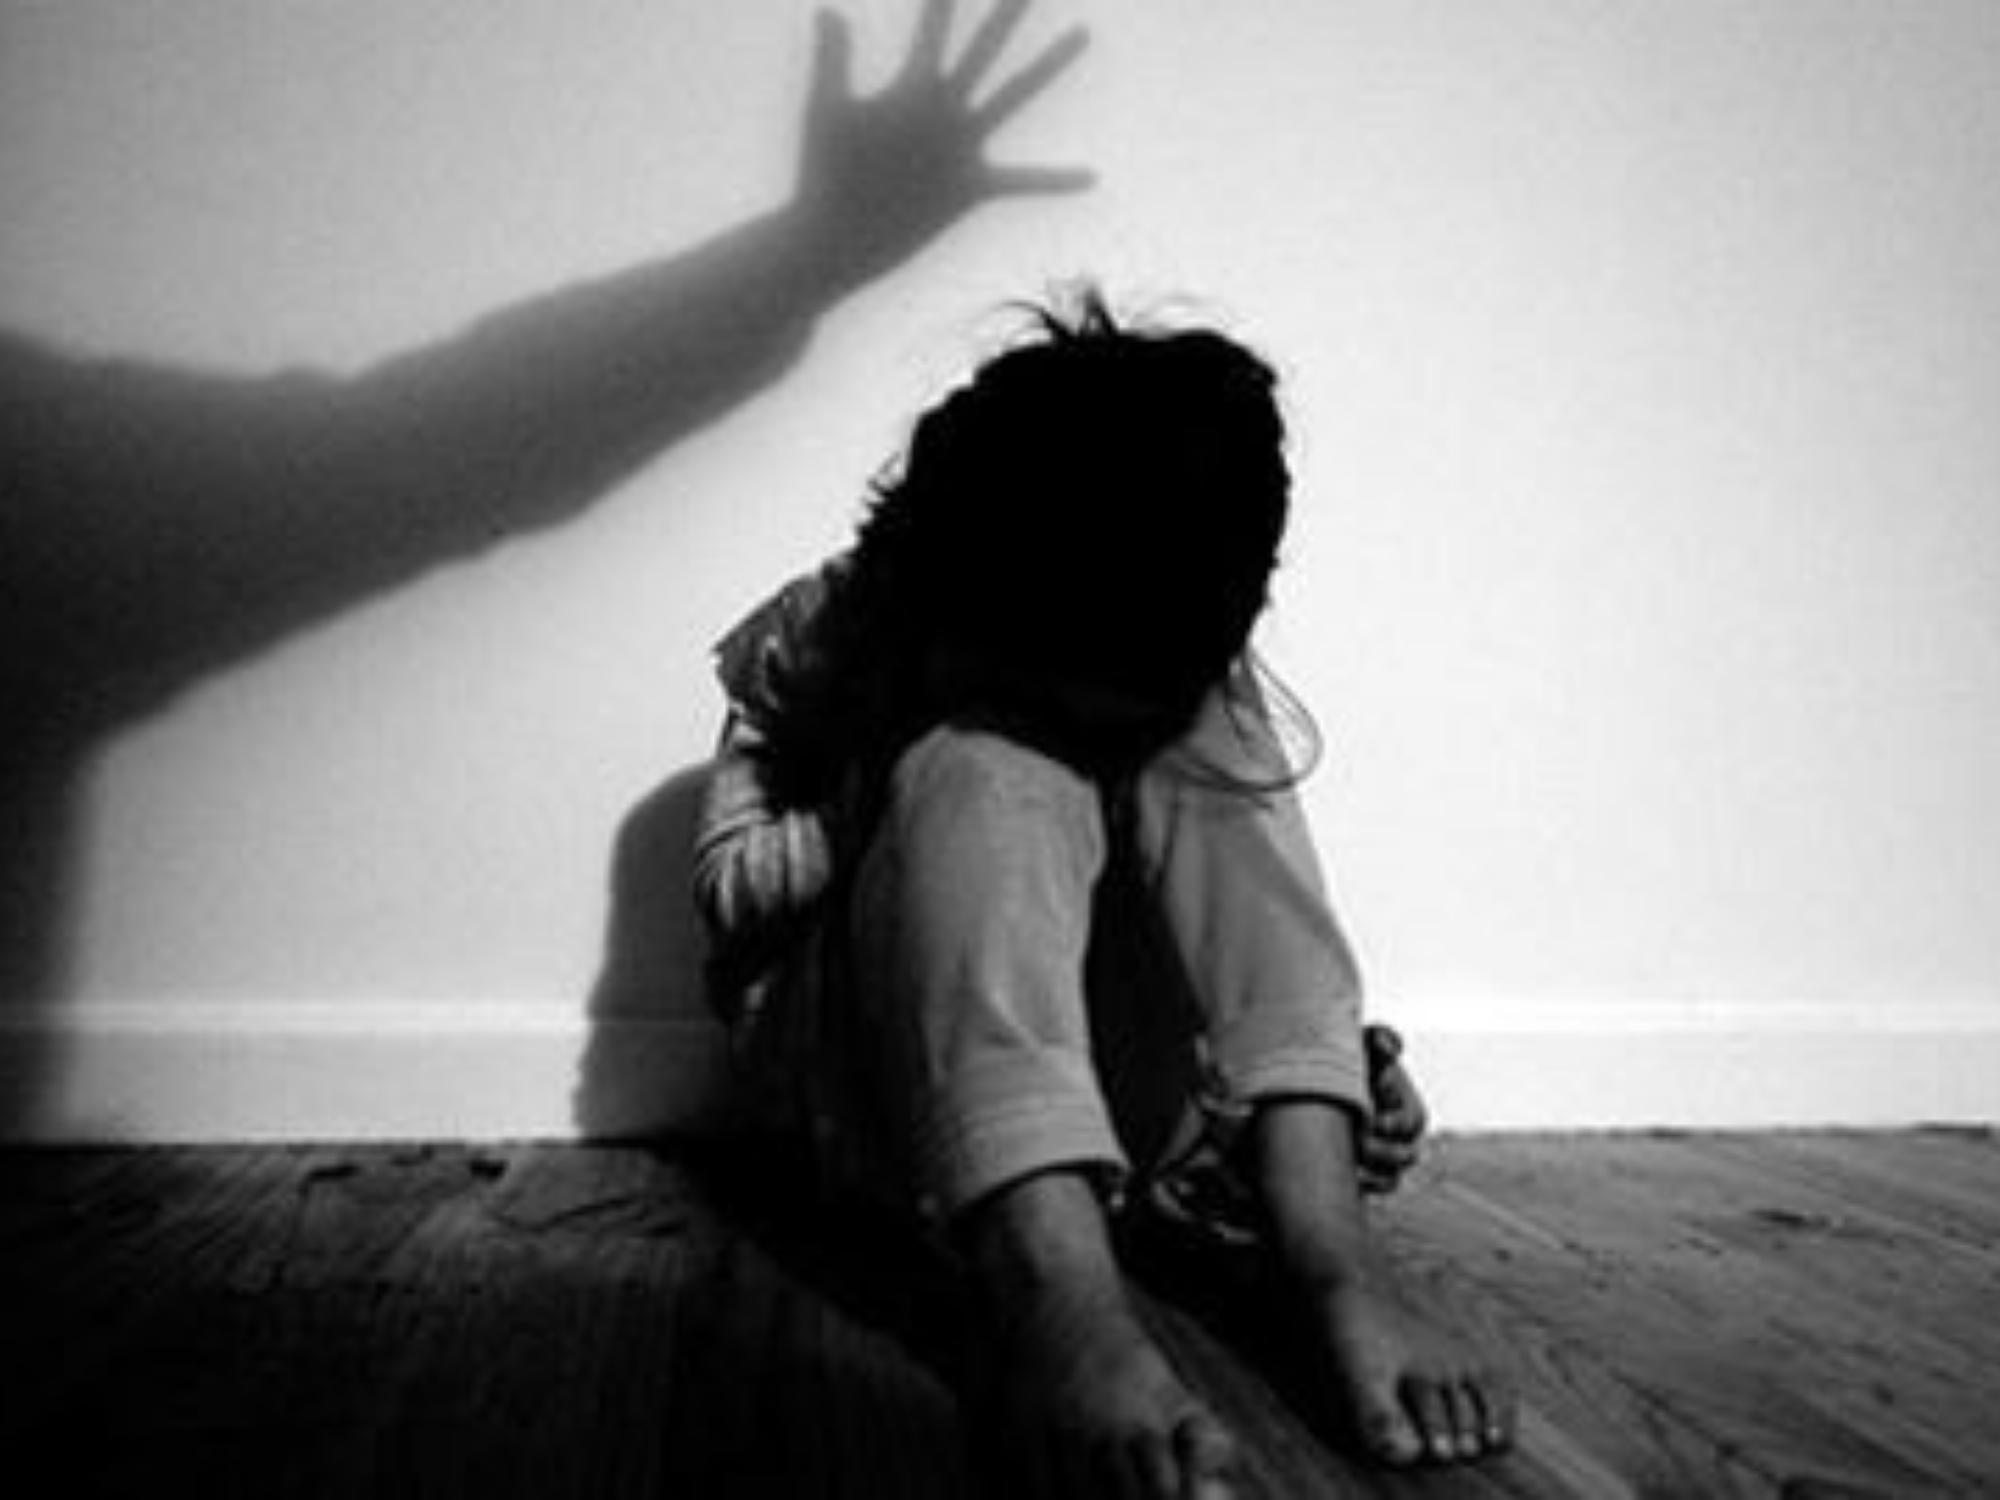 Truy tố mẹ đẻ và 'người tình' bạo hành, xâm hại bé gái 12 tuổi nhiều lần